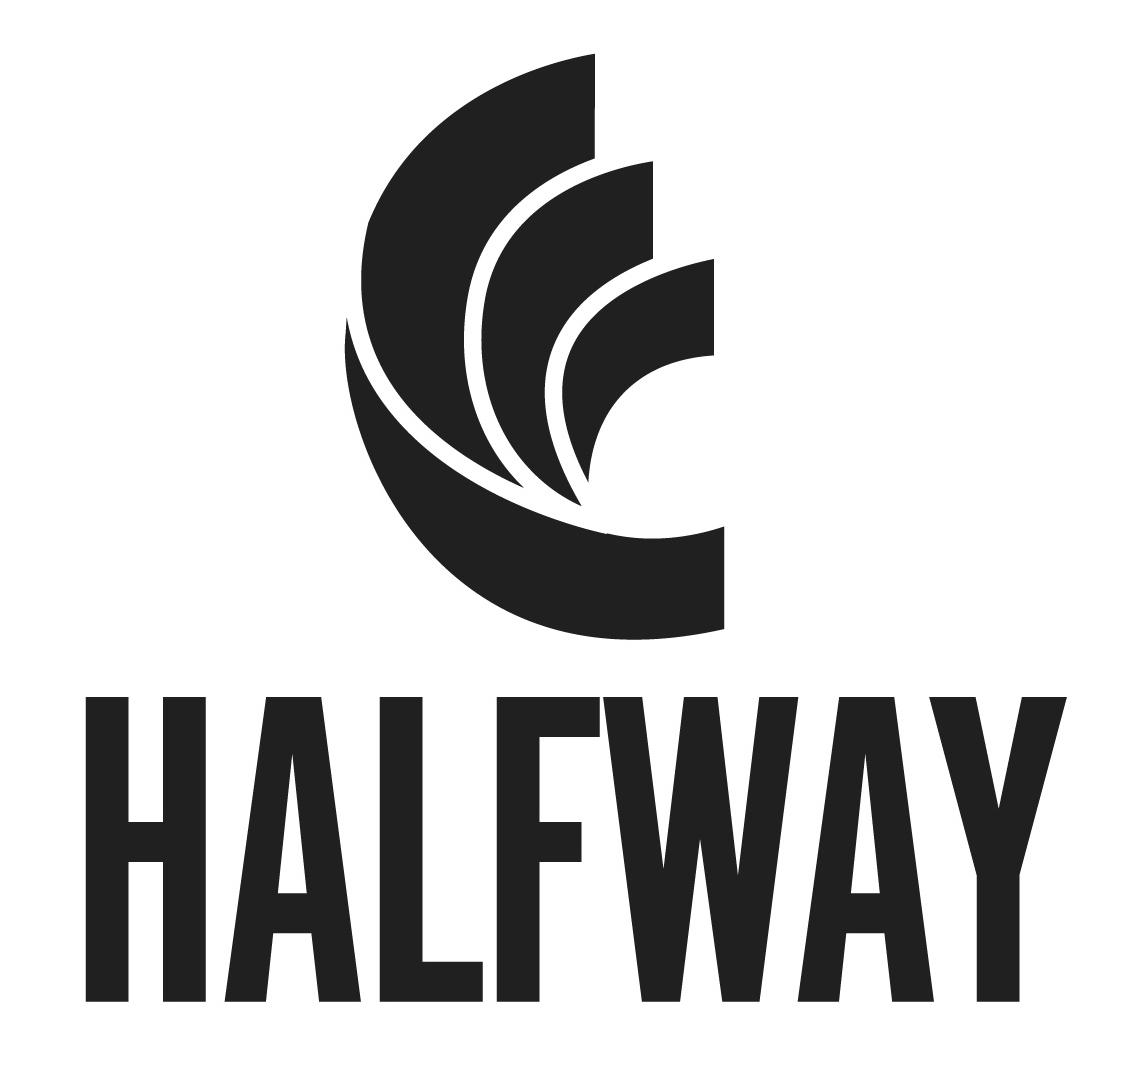 HalfwayFestival